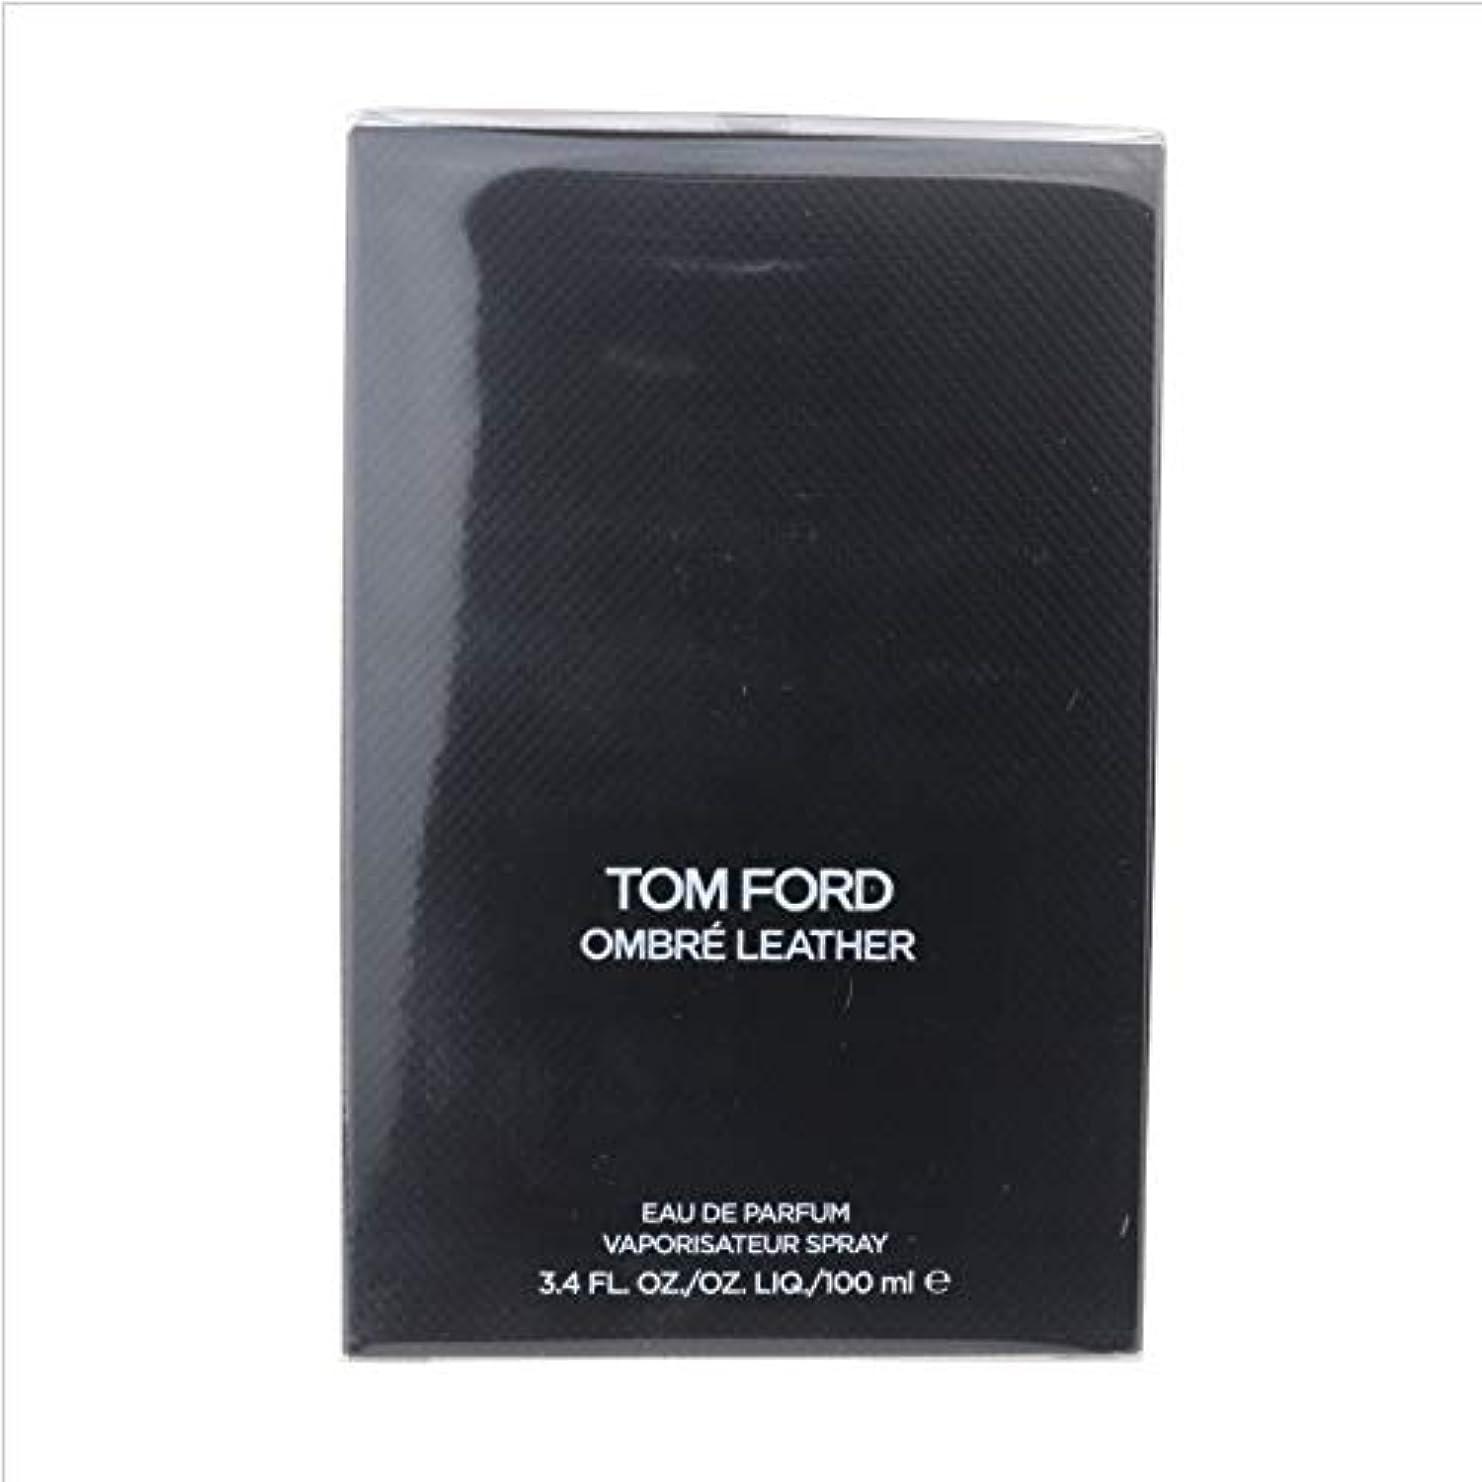 ジャーナル魂陰気Tom Ford Ombre Leather (トムフォード オンブレ レザー) 3.4 oz (100ml) EDP Spray